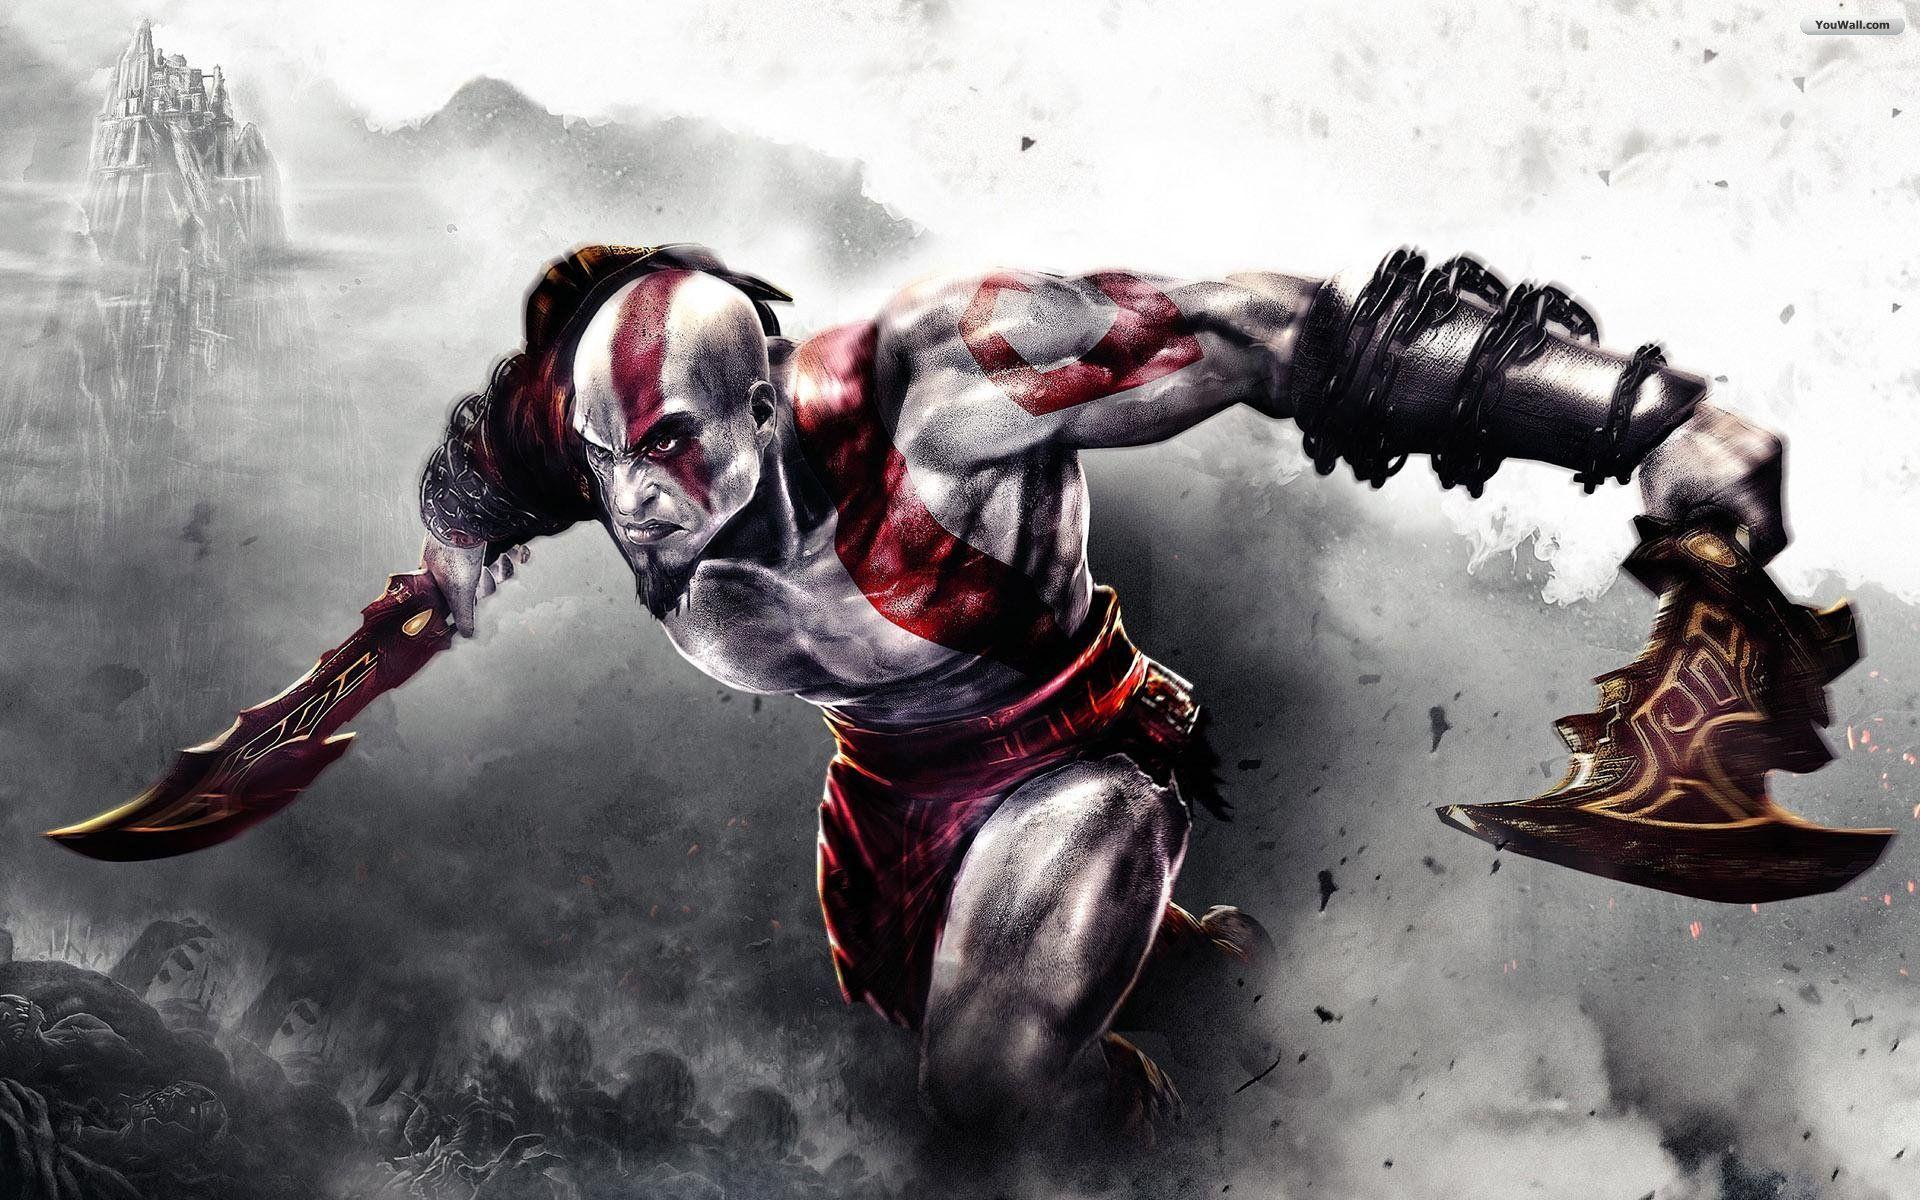 Pin De Sayarumi En Video Juegos Kratos God Of War